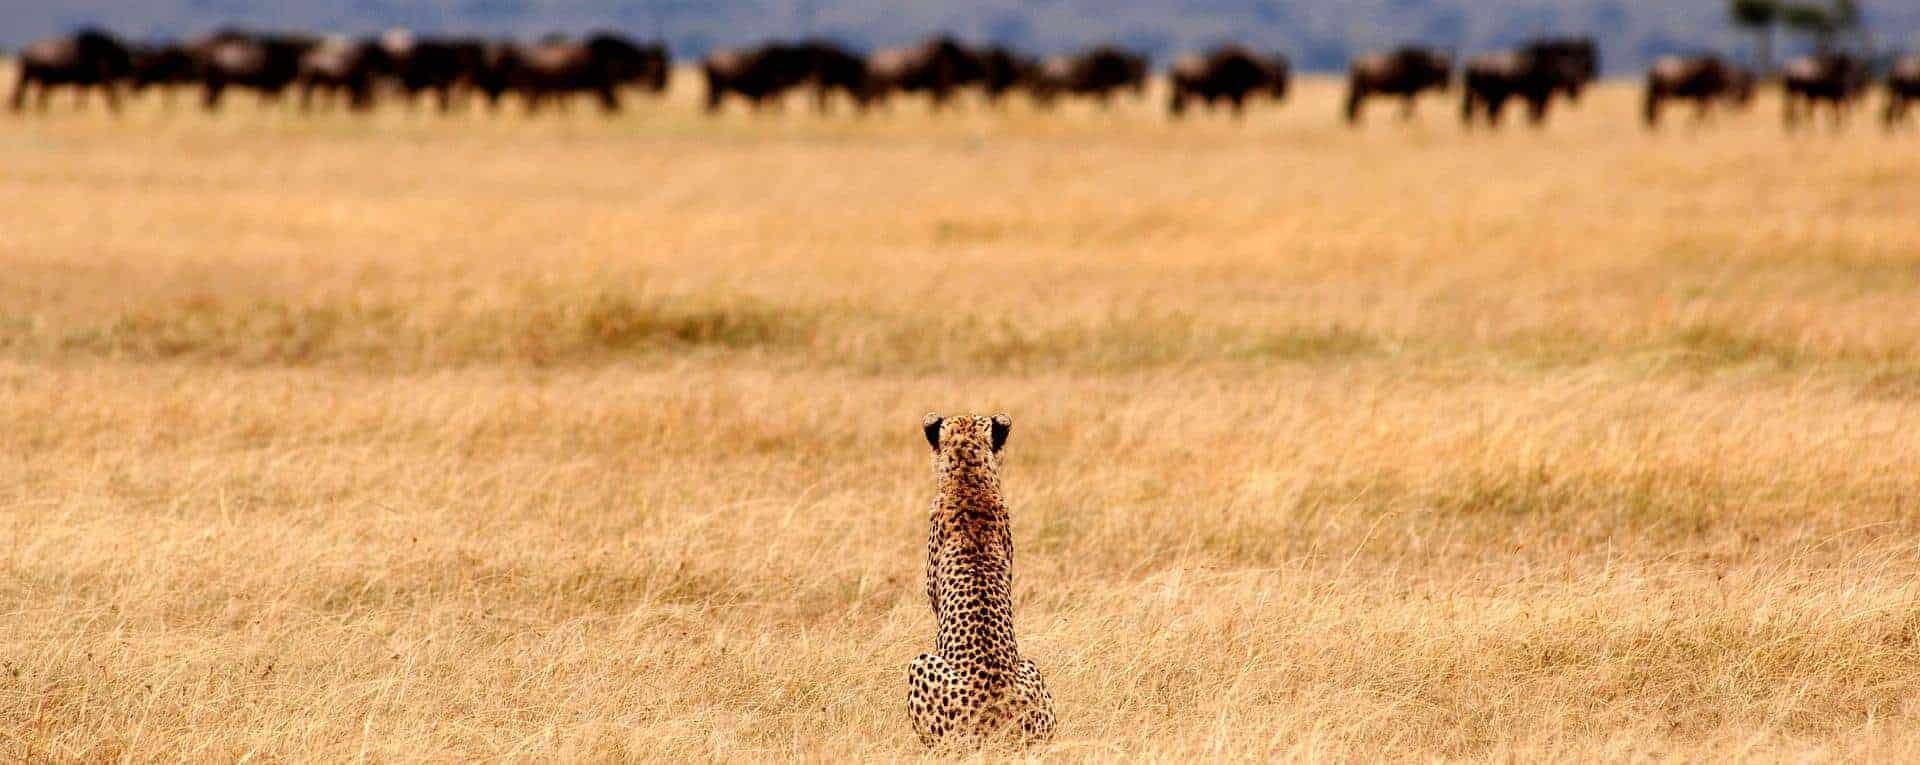 serengetisafaricamp4